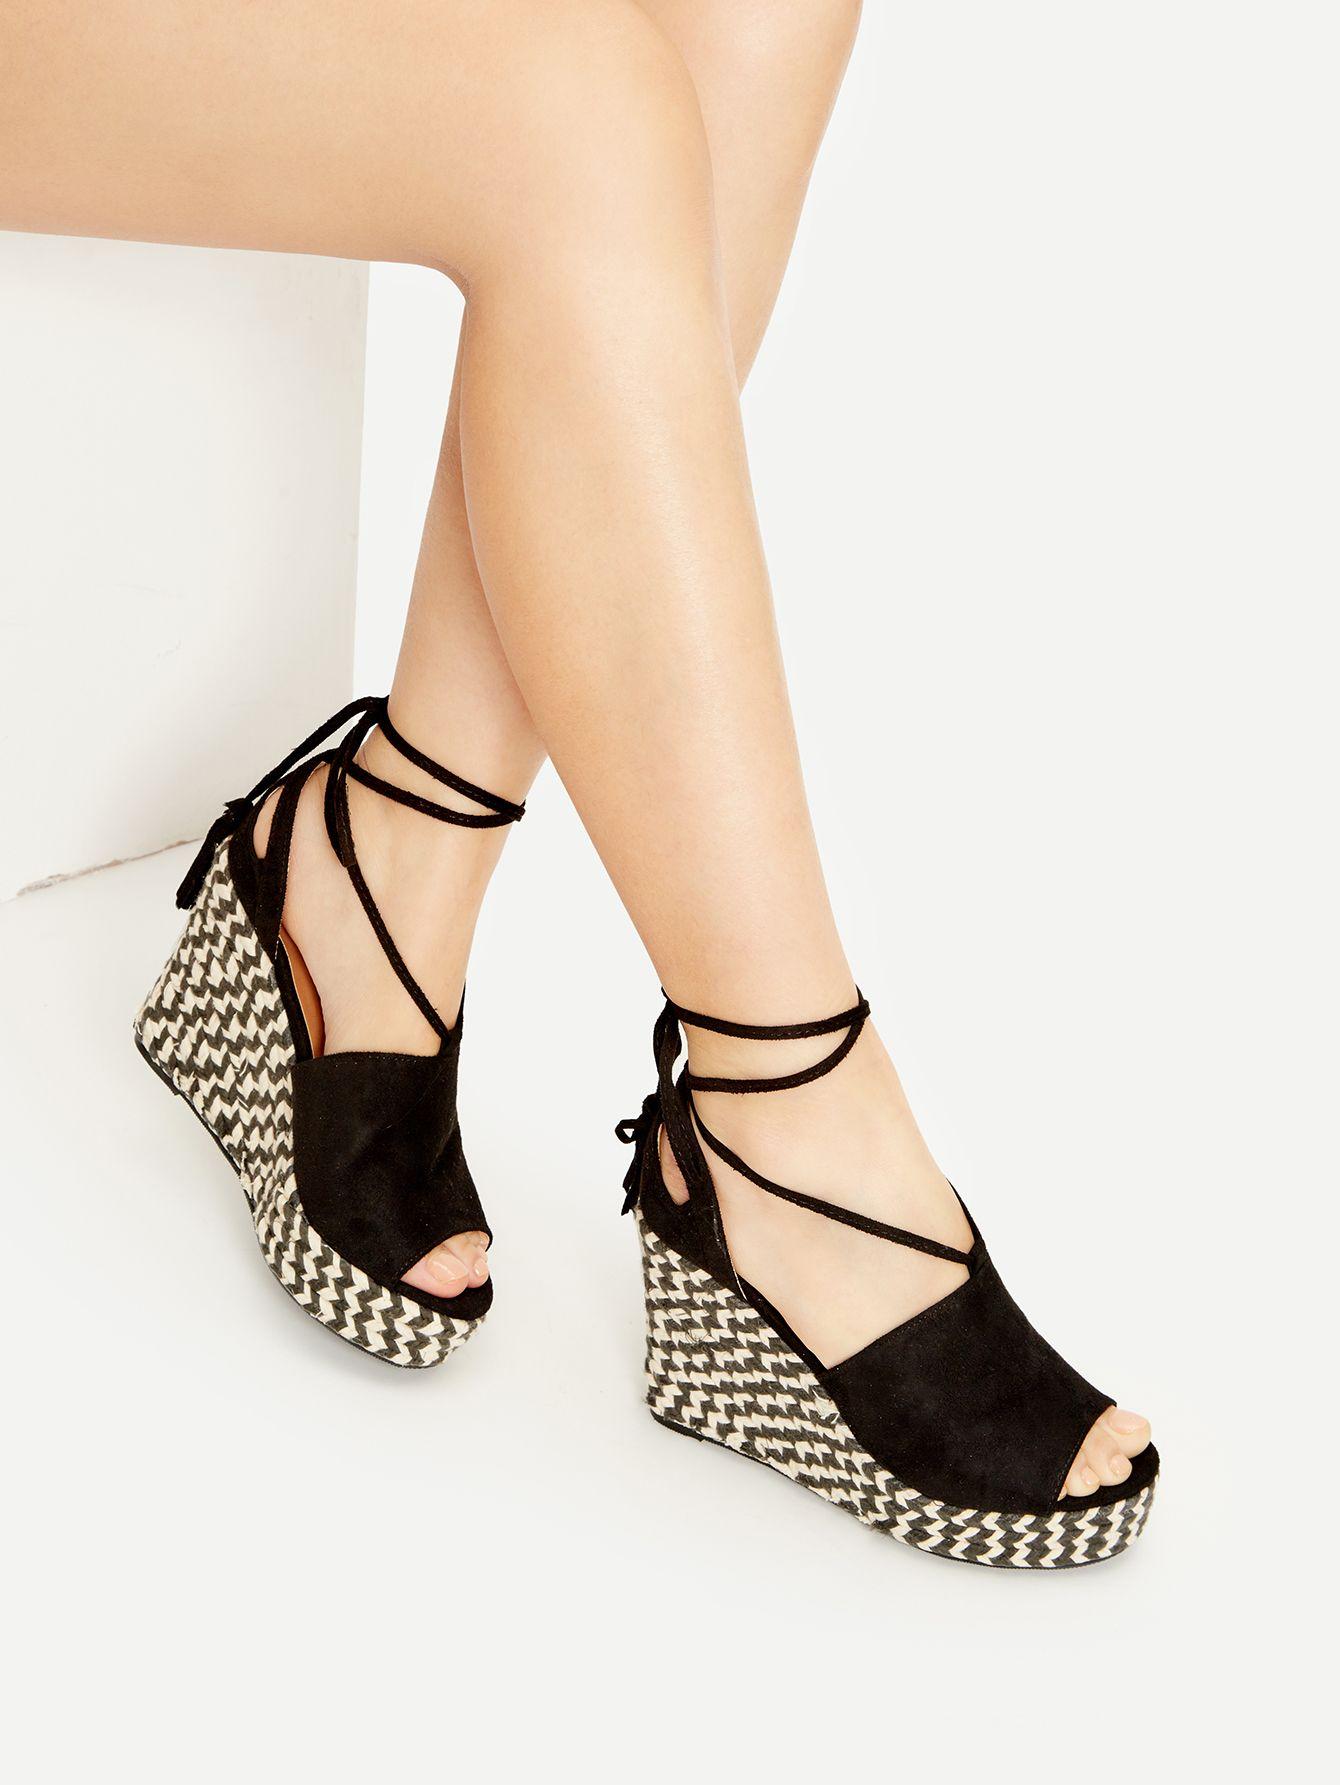 Sandalias de Gladiador negras Sandalias de tacón grueso con cordones de mujer Sandalias de tacón alto con punta abierta Comprar barato clásico MT6xF